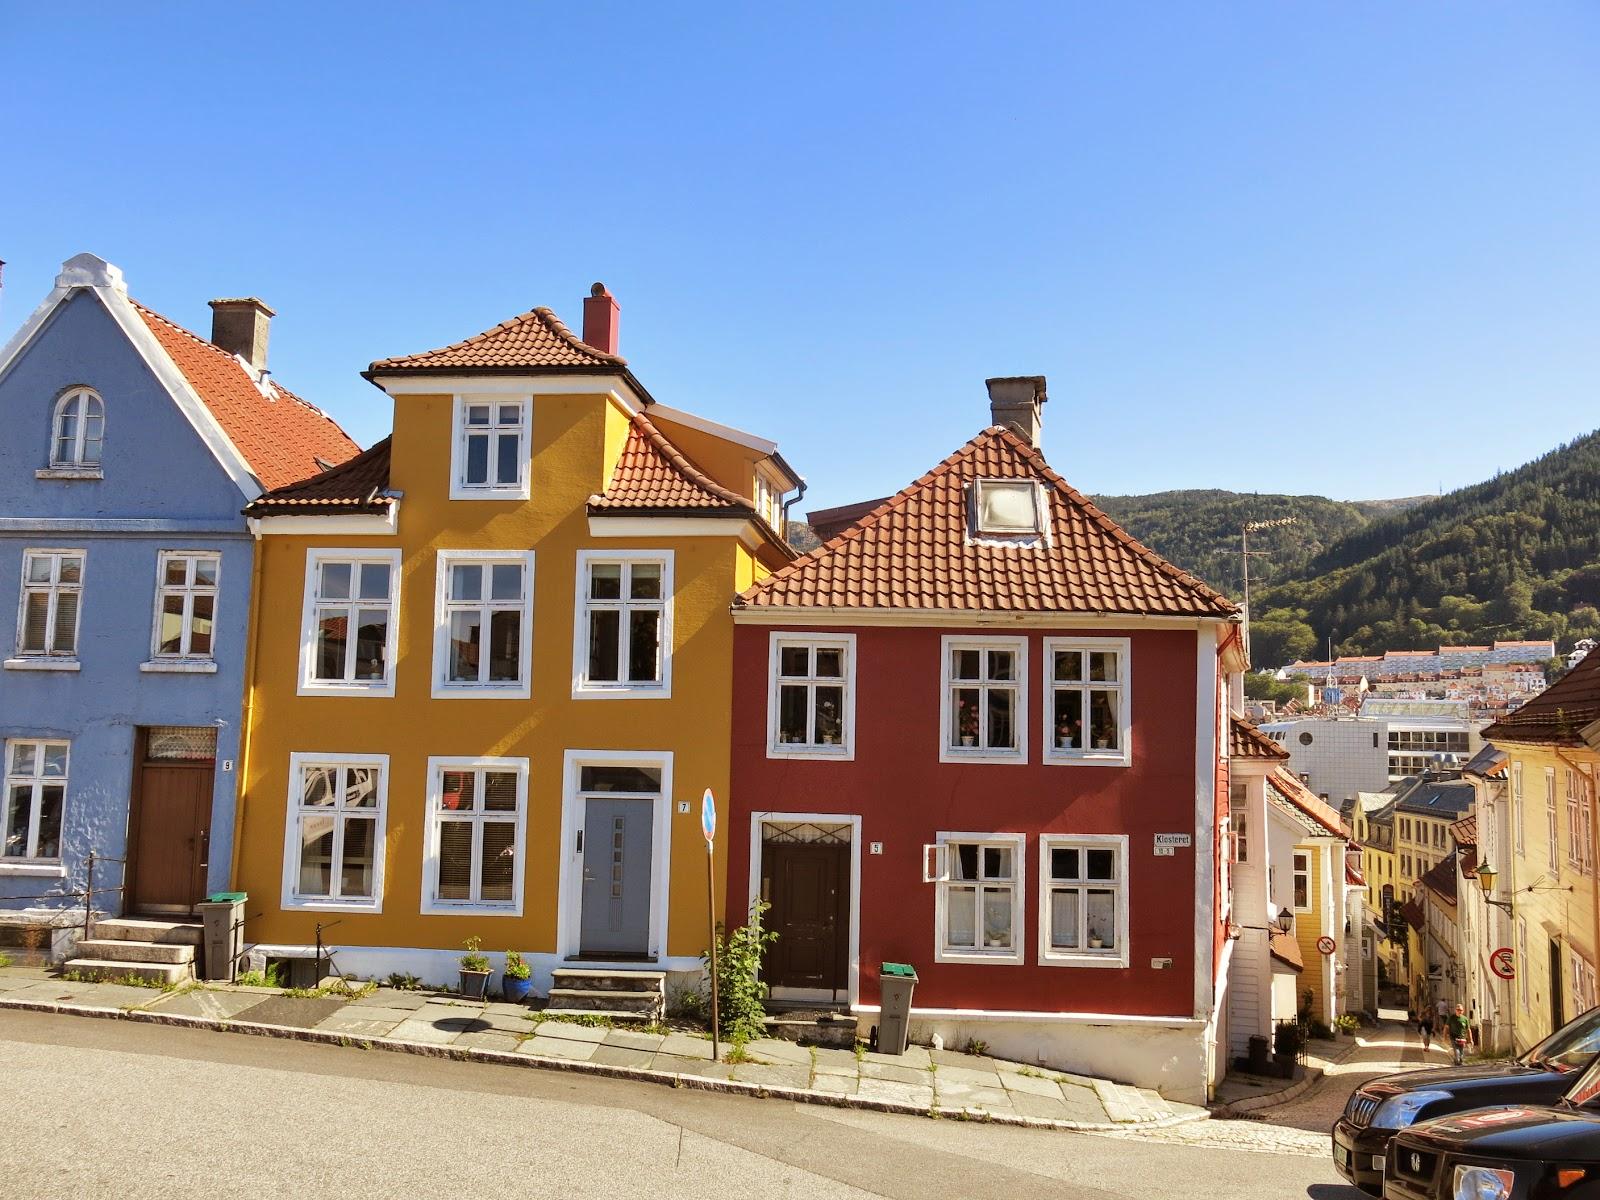 Nordnes trähusbebyggelse i Bergen